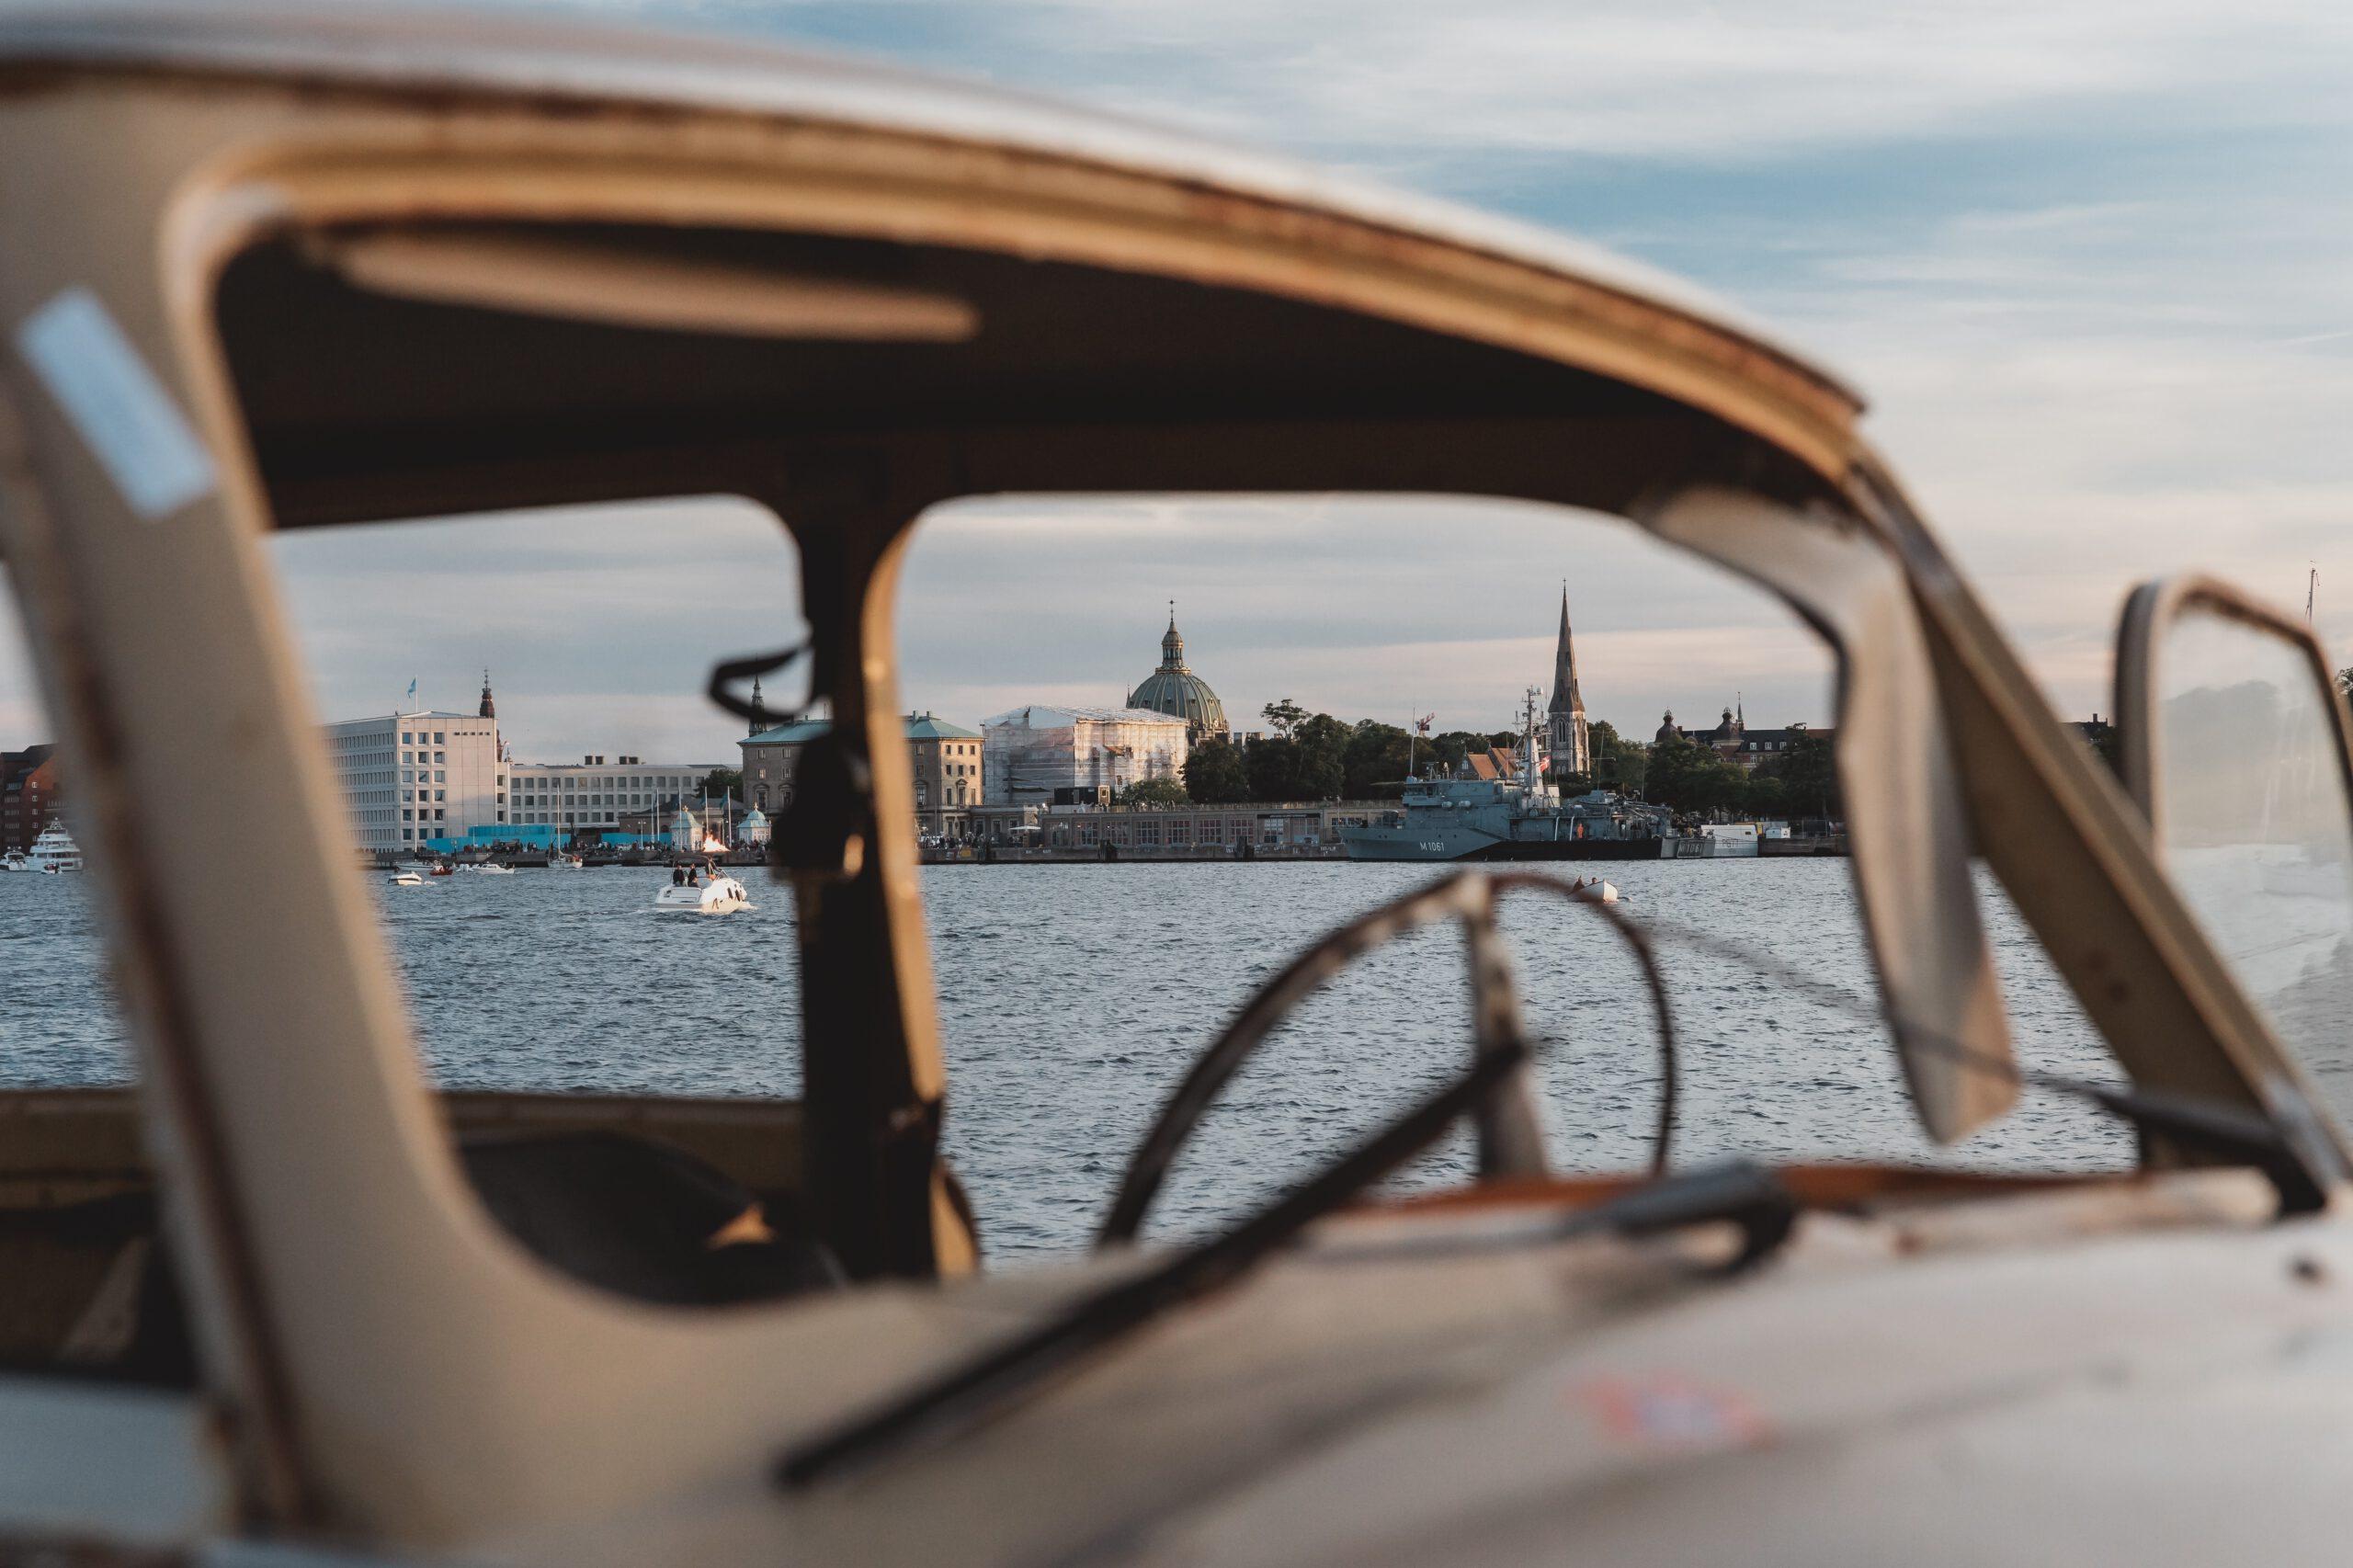 Een stad aan het water door oude auto gefotografeerd